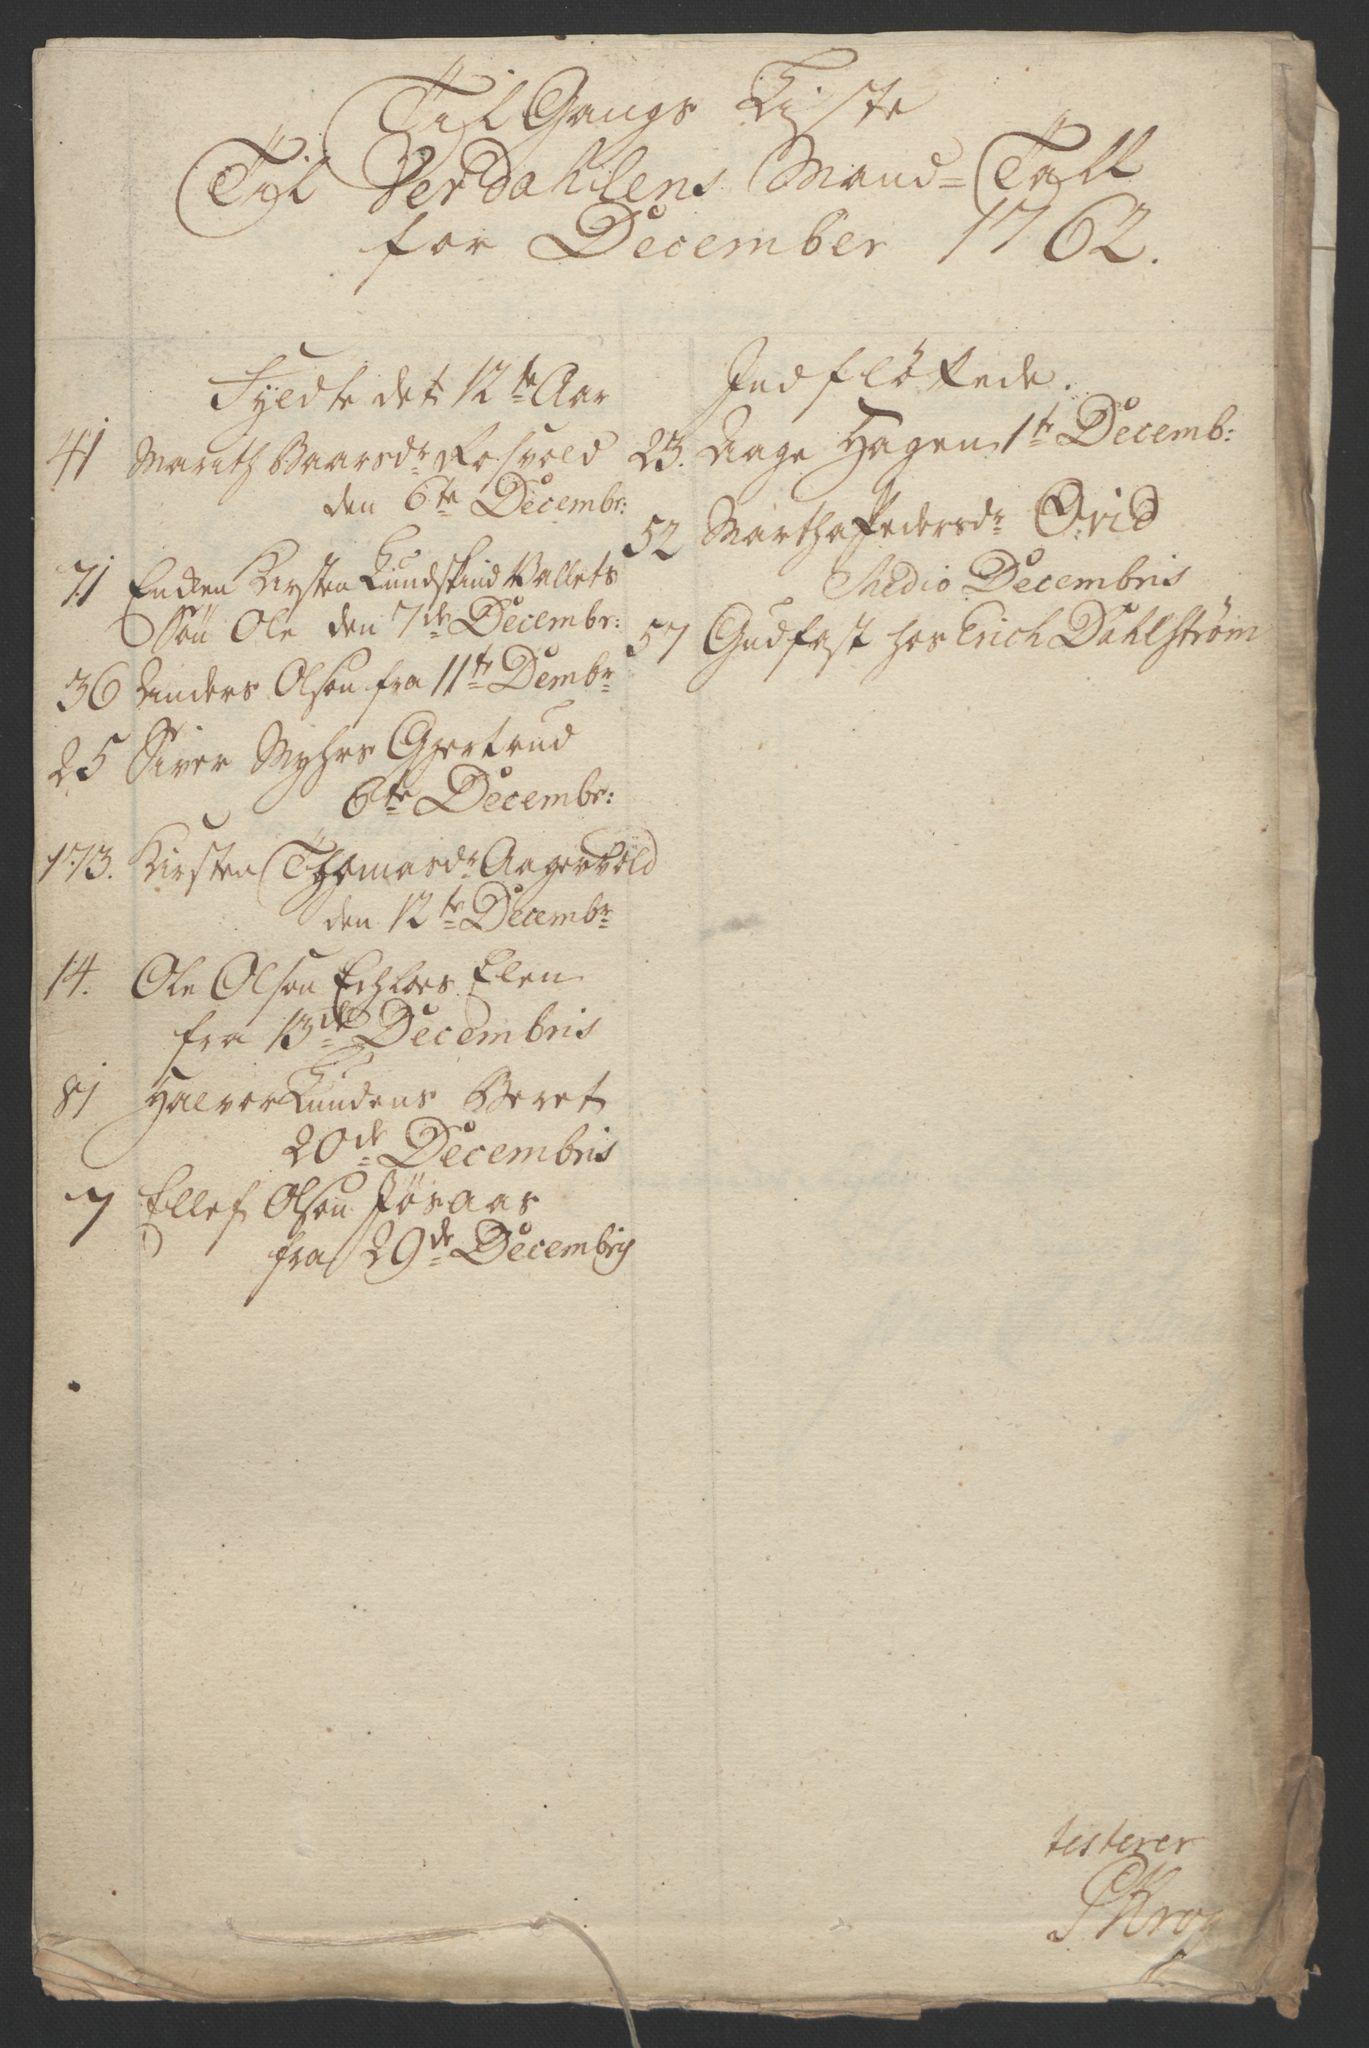 RA, Rentekammeret inntil 1814, Reviderte regnskaper, Fogderegnskap, R62/L4303: Ekstraskatten Stjørdal og Verdal, 1762-1763, s. 253